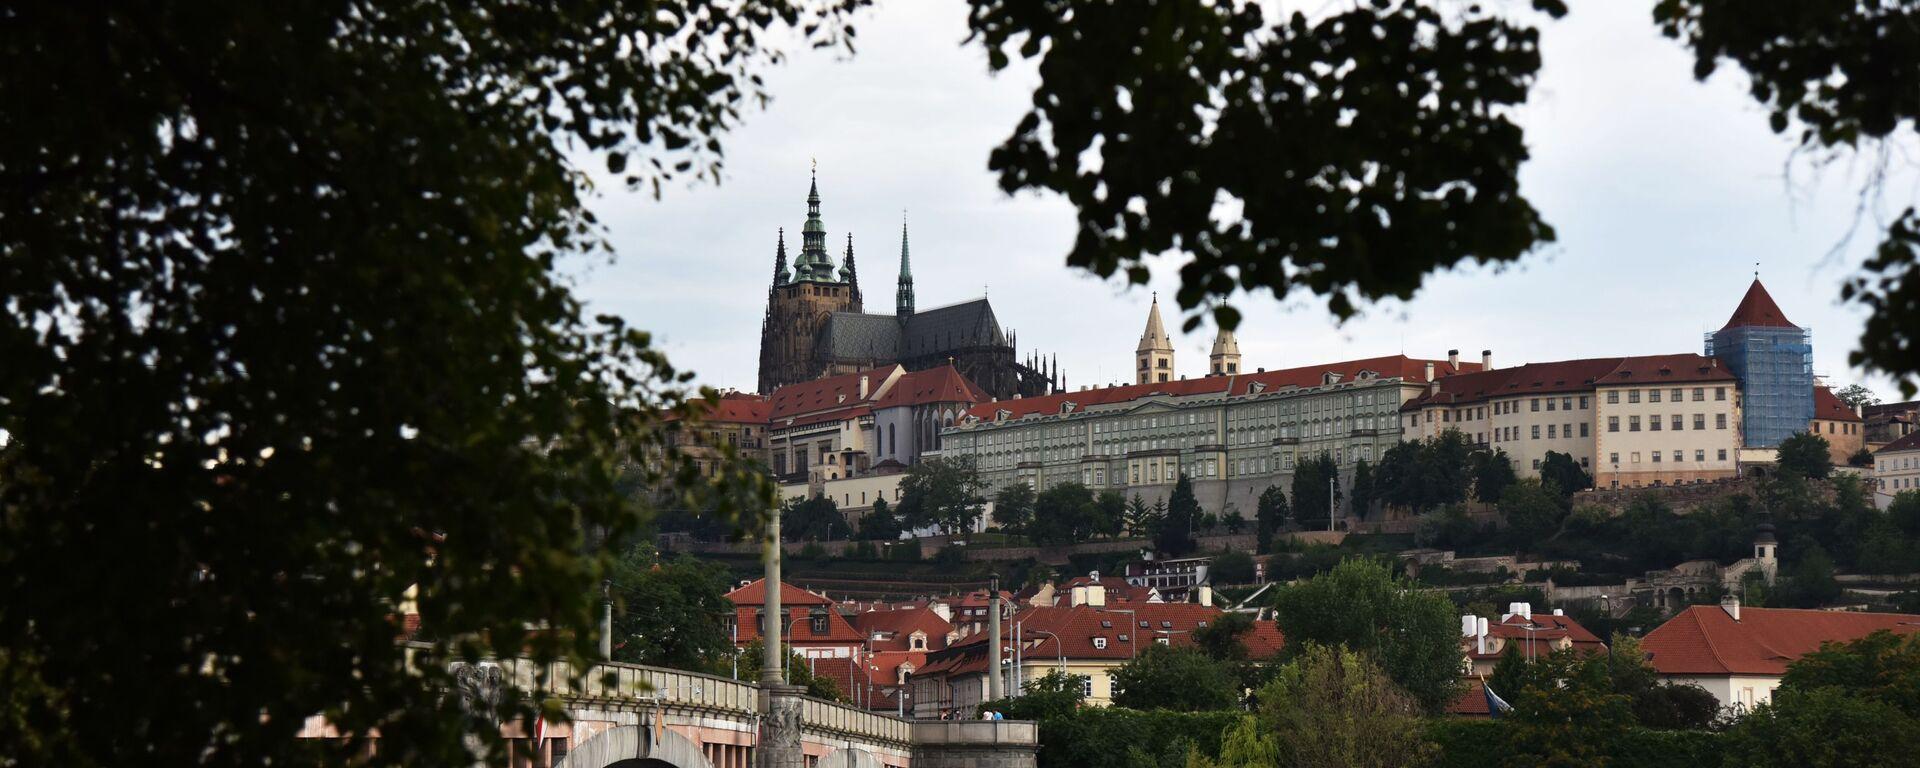 Praga - Sputnik Polska, 1920, 16.09.2021